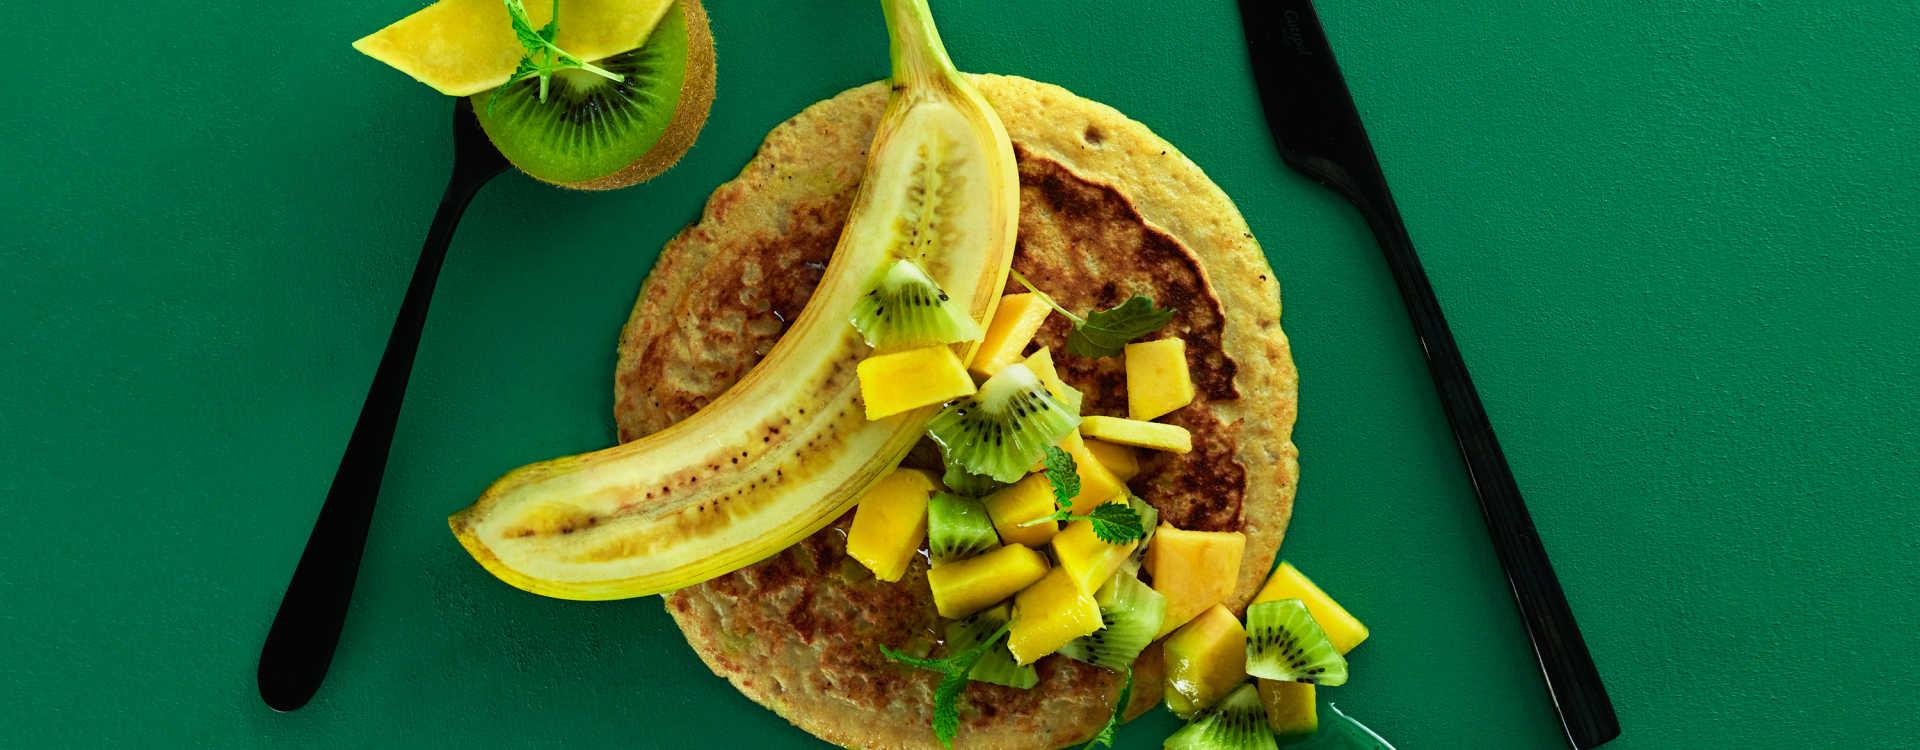 Bananpannekaker med mango og kiwisalat